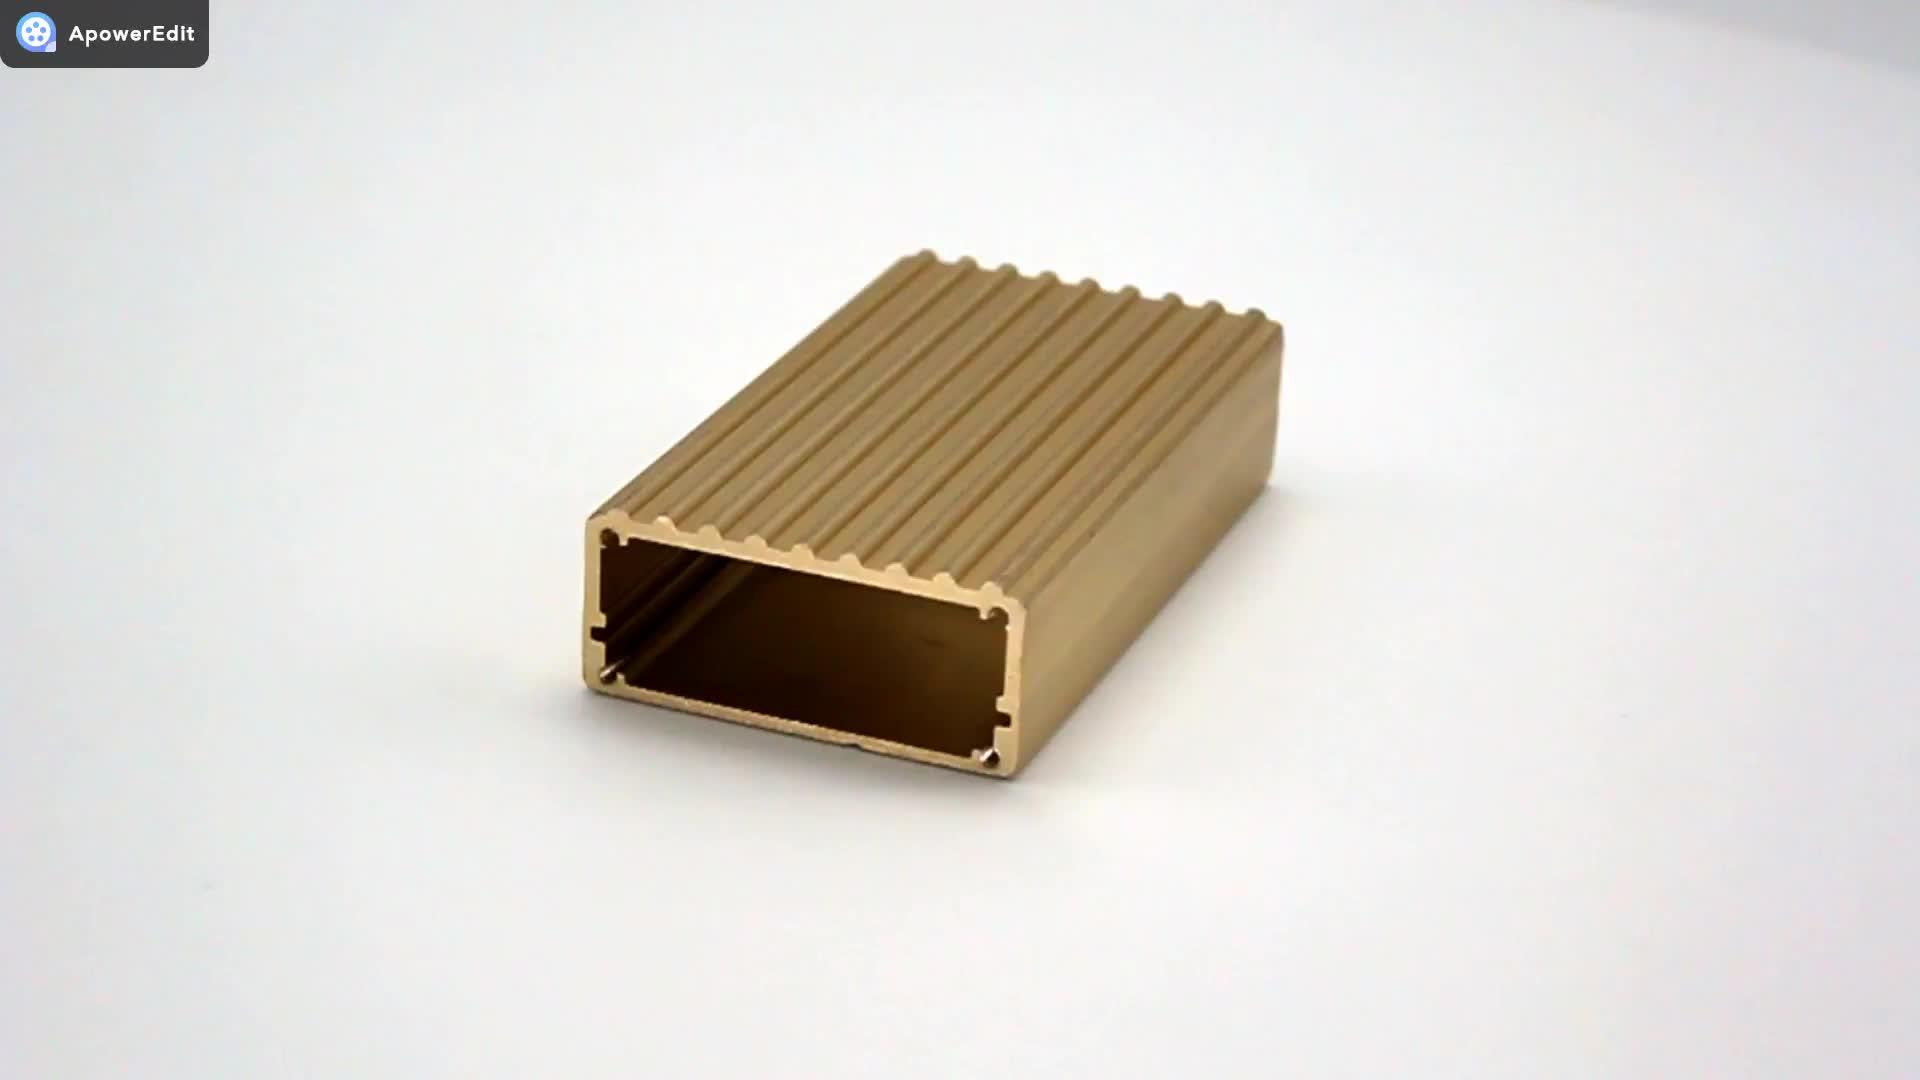 Ekstrüde Alüminyum Muhafaza Enstrüman Kutusu DIY Amplifikatörler Elektronik Proje Çantası